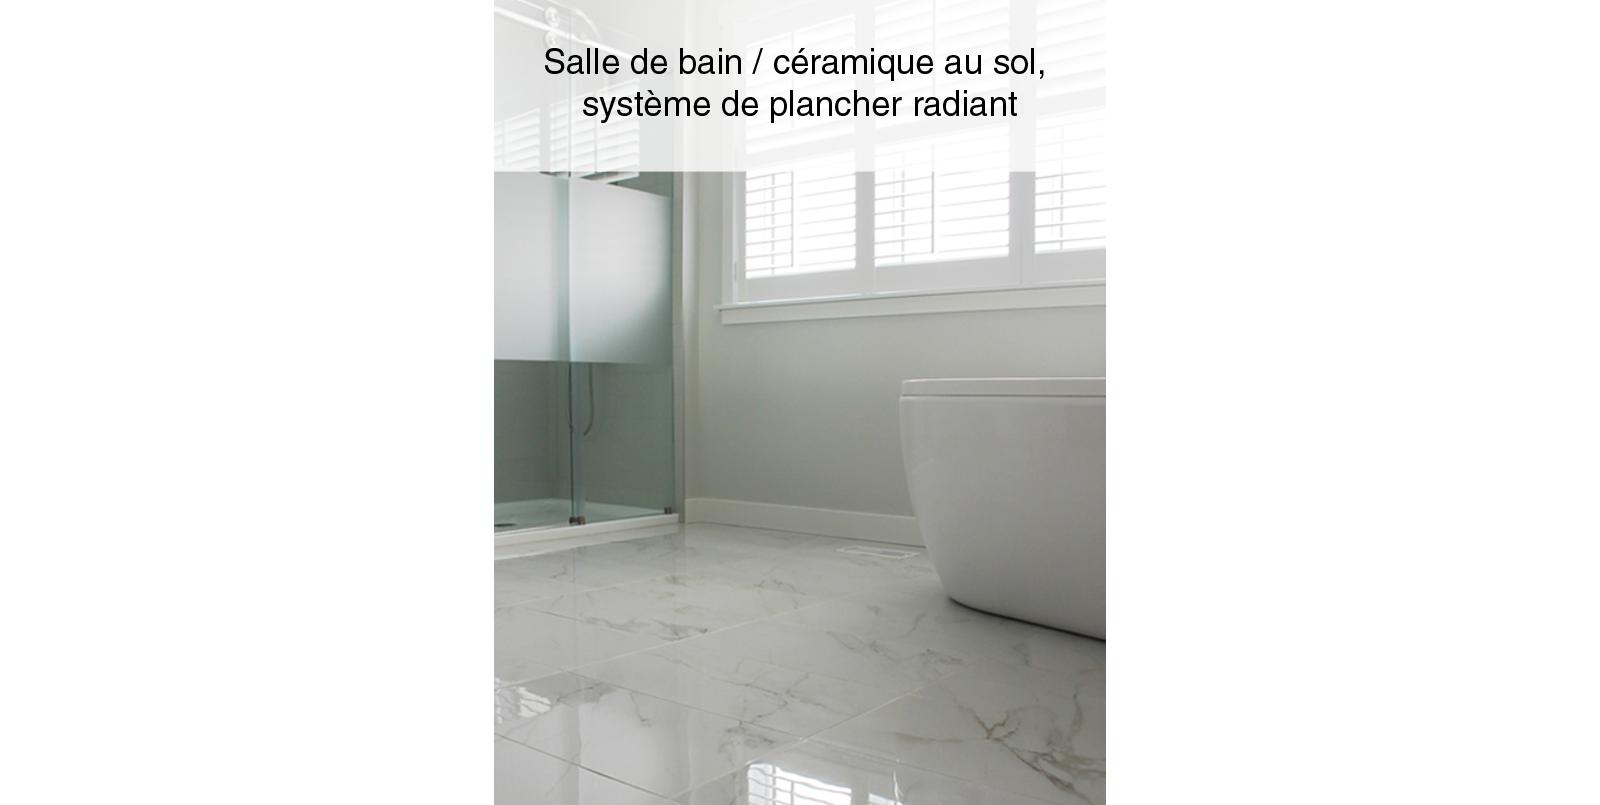 14-1-PANACHE-CONSTRUCTION-RENOVATION_SALLE-DE-BAIN_CERAMIQUE-PLANCHER-RADIANT2